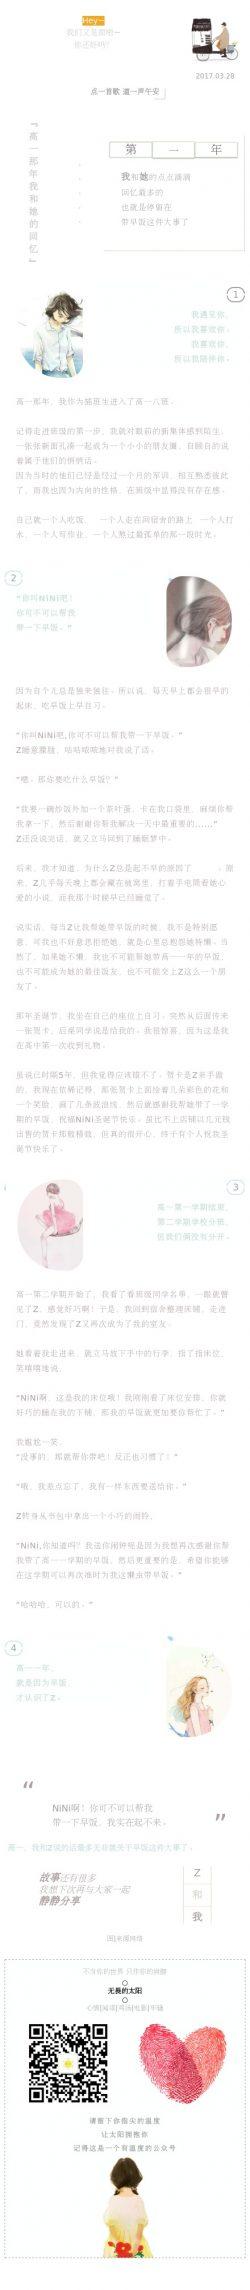 深红字体散文微信文章美文图文模板